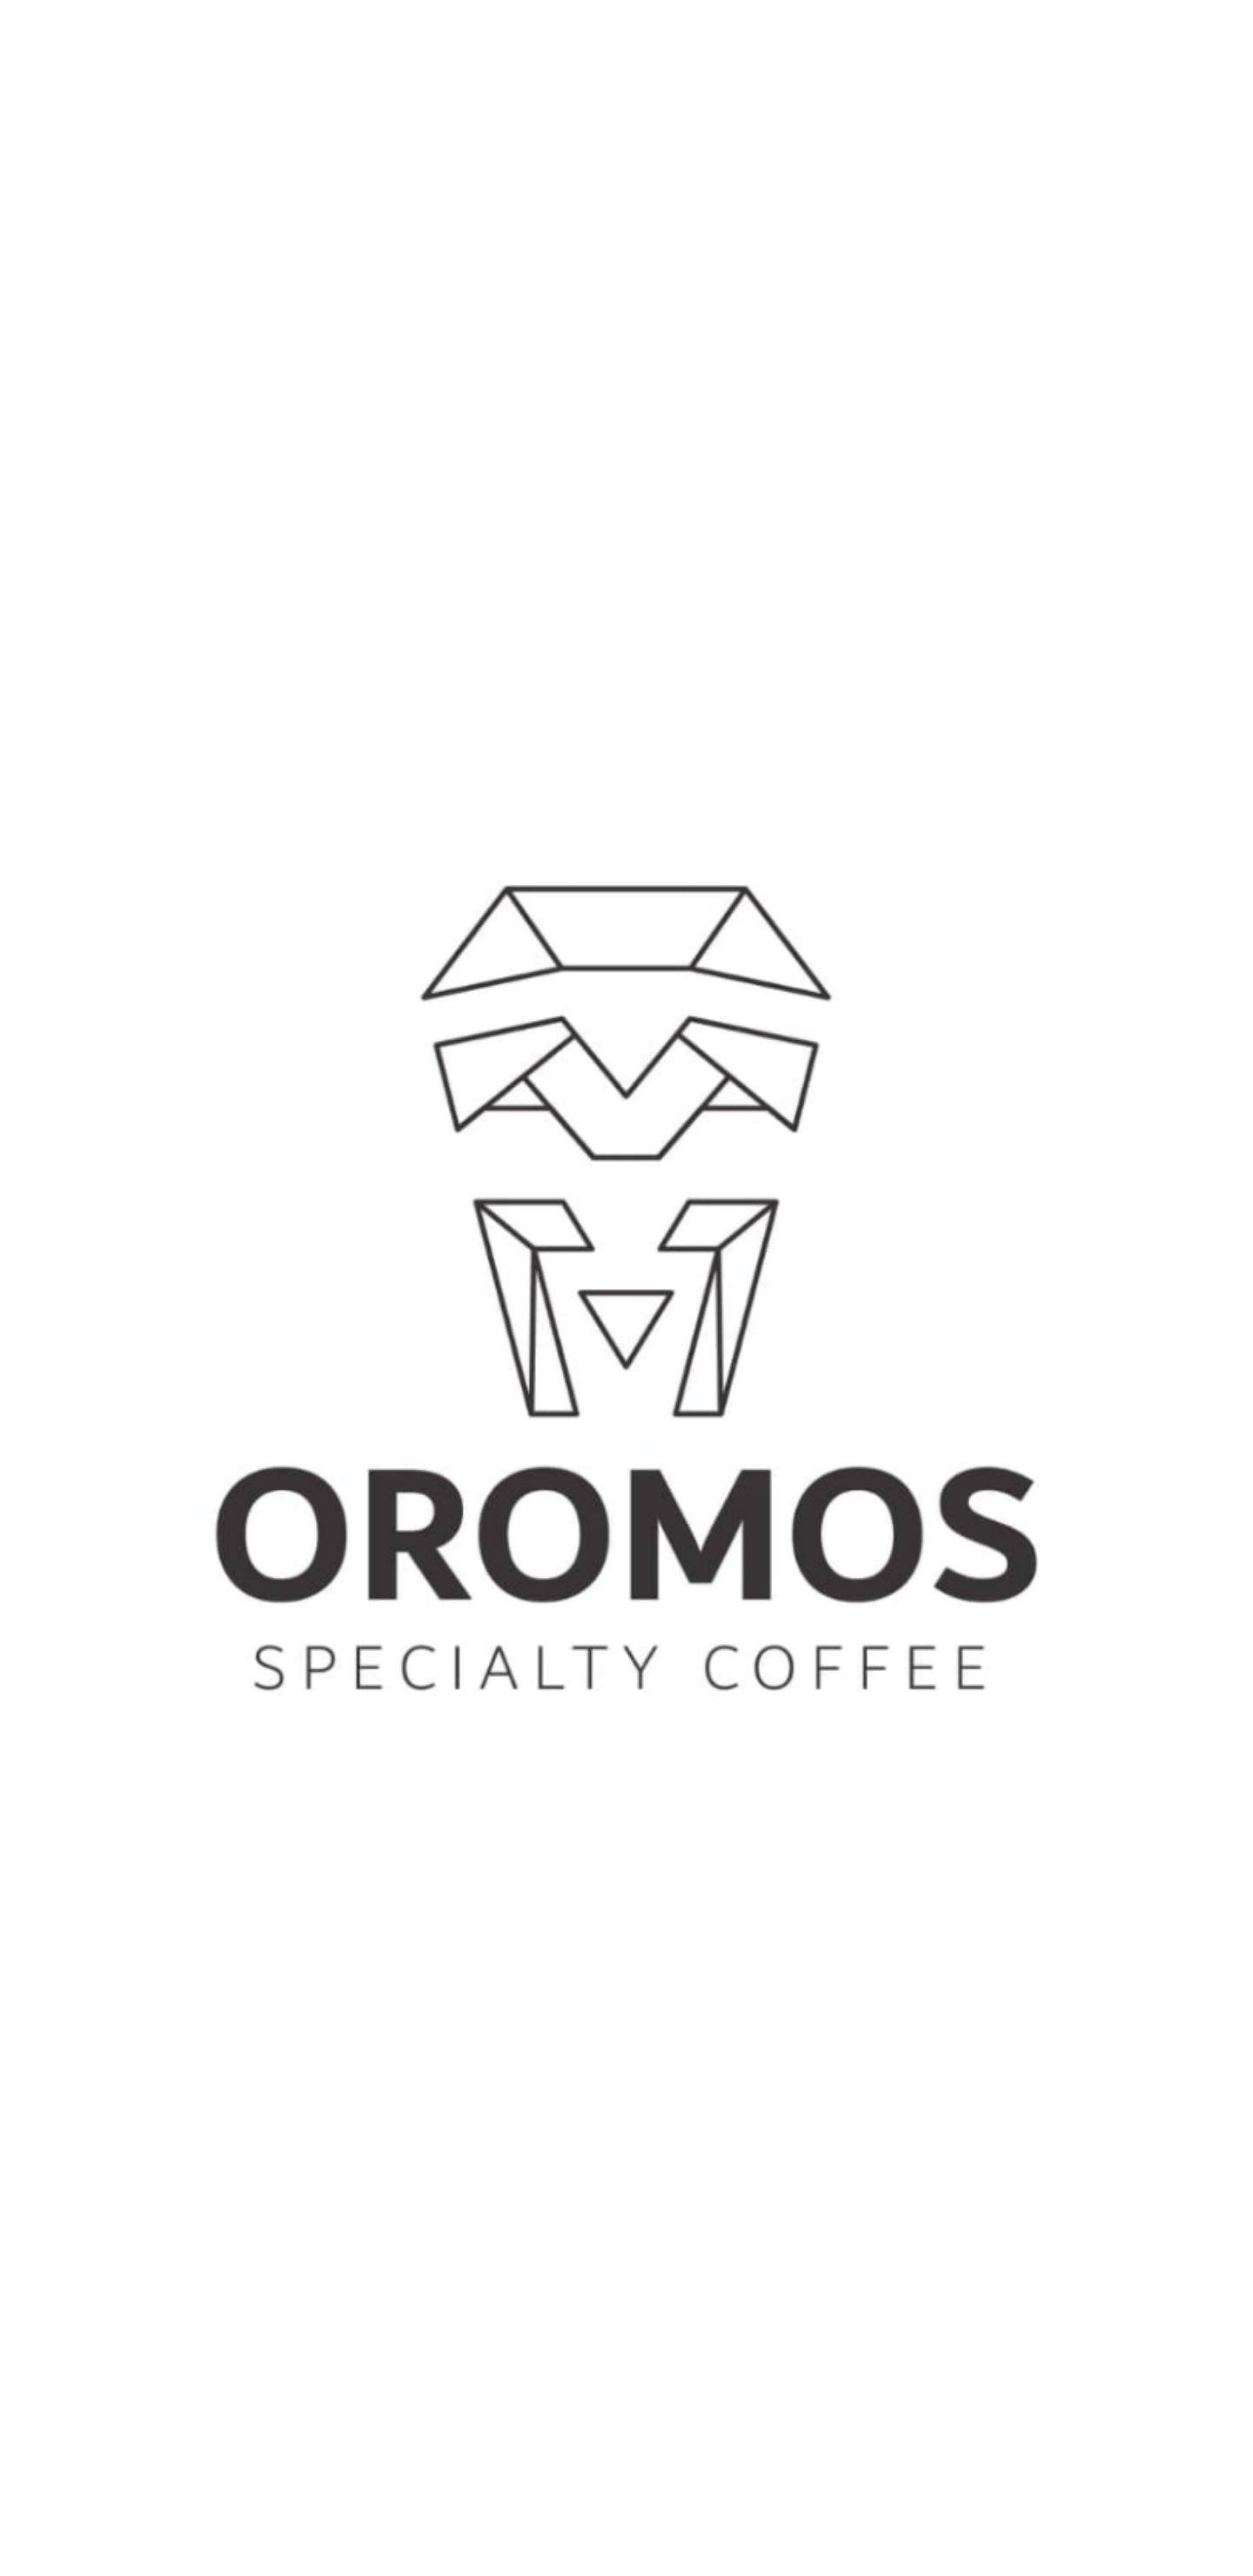 Oromoas Coffee